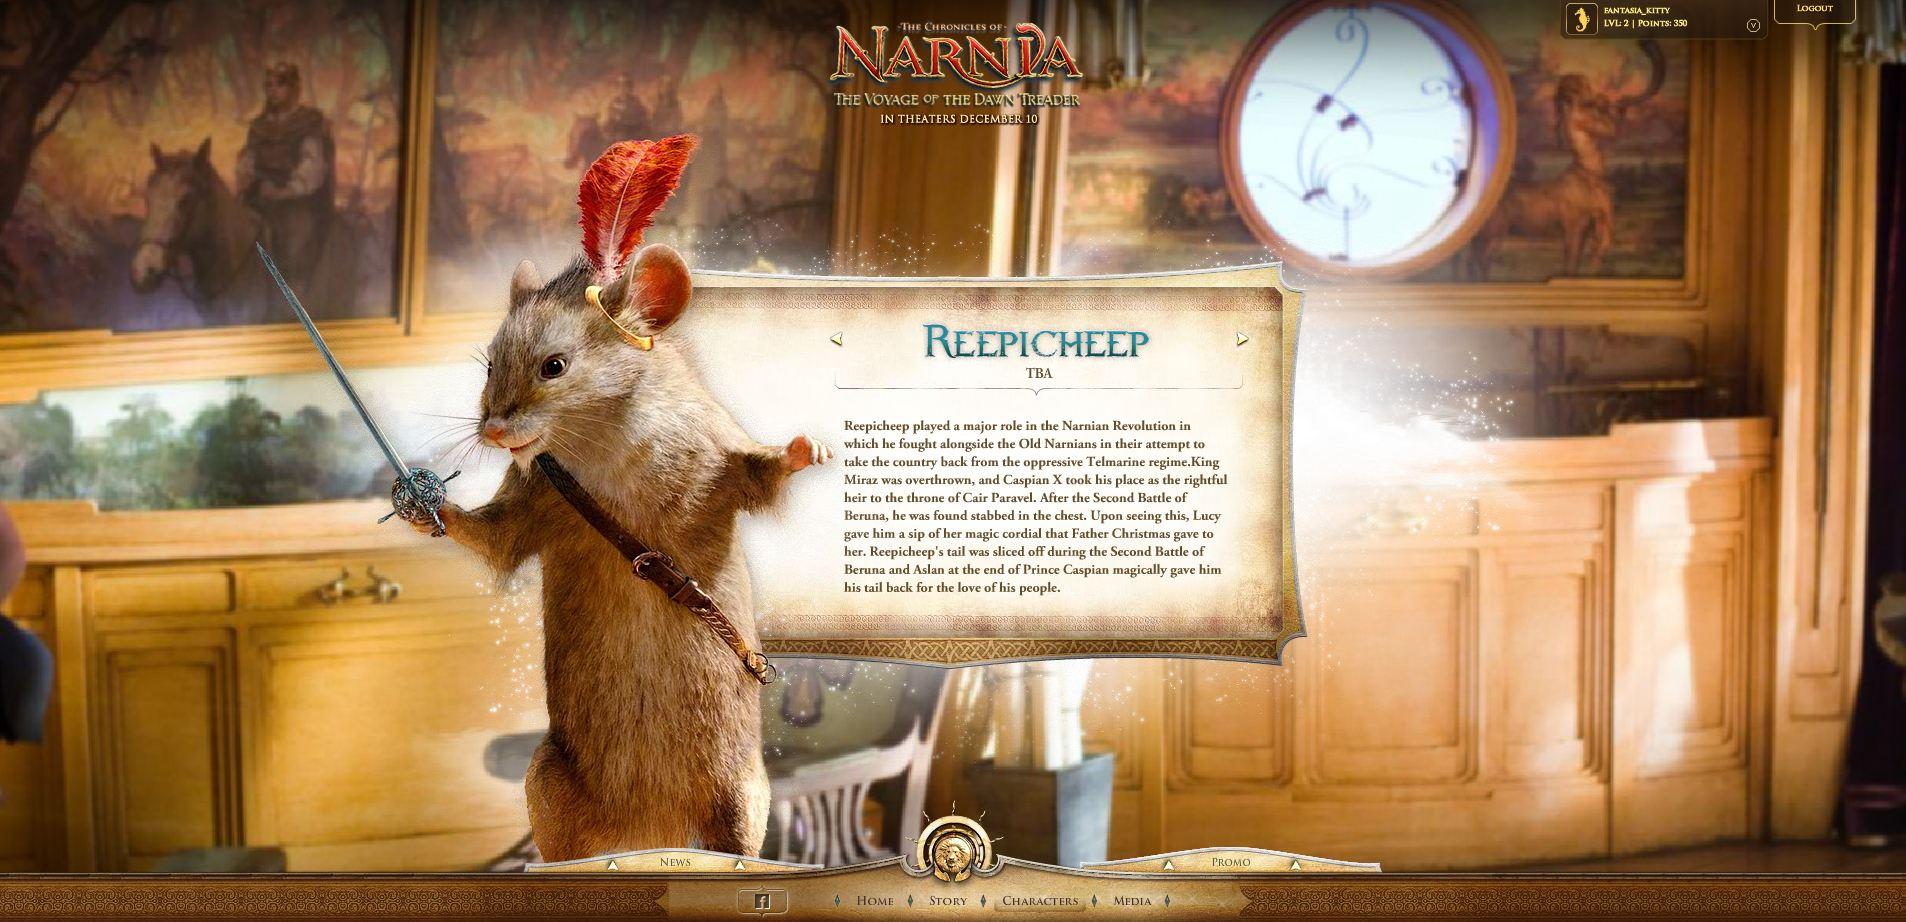 Narnia.com Screenshots   NarniaWeb for Narnia Reepicheep Quotes  110zmd